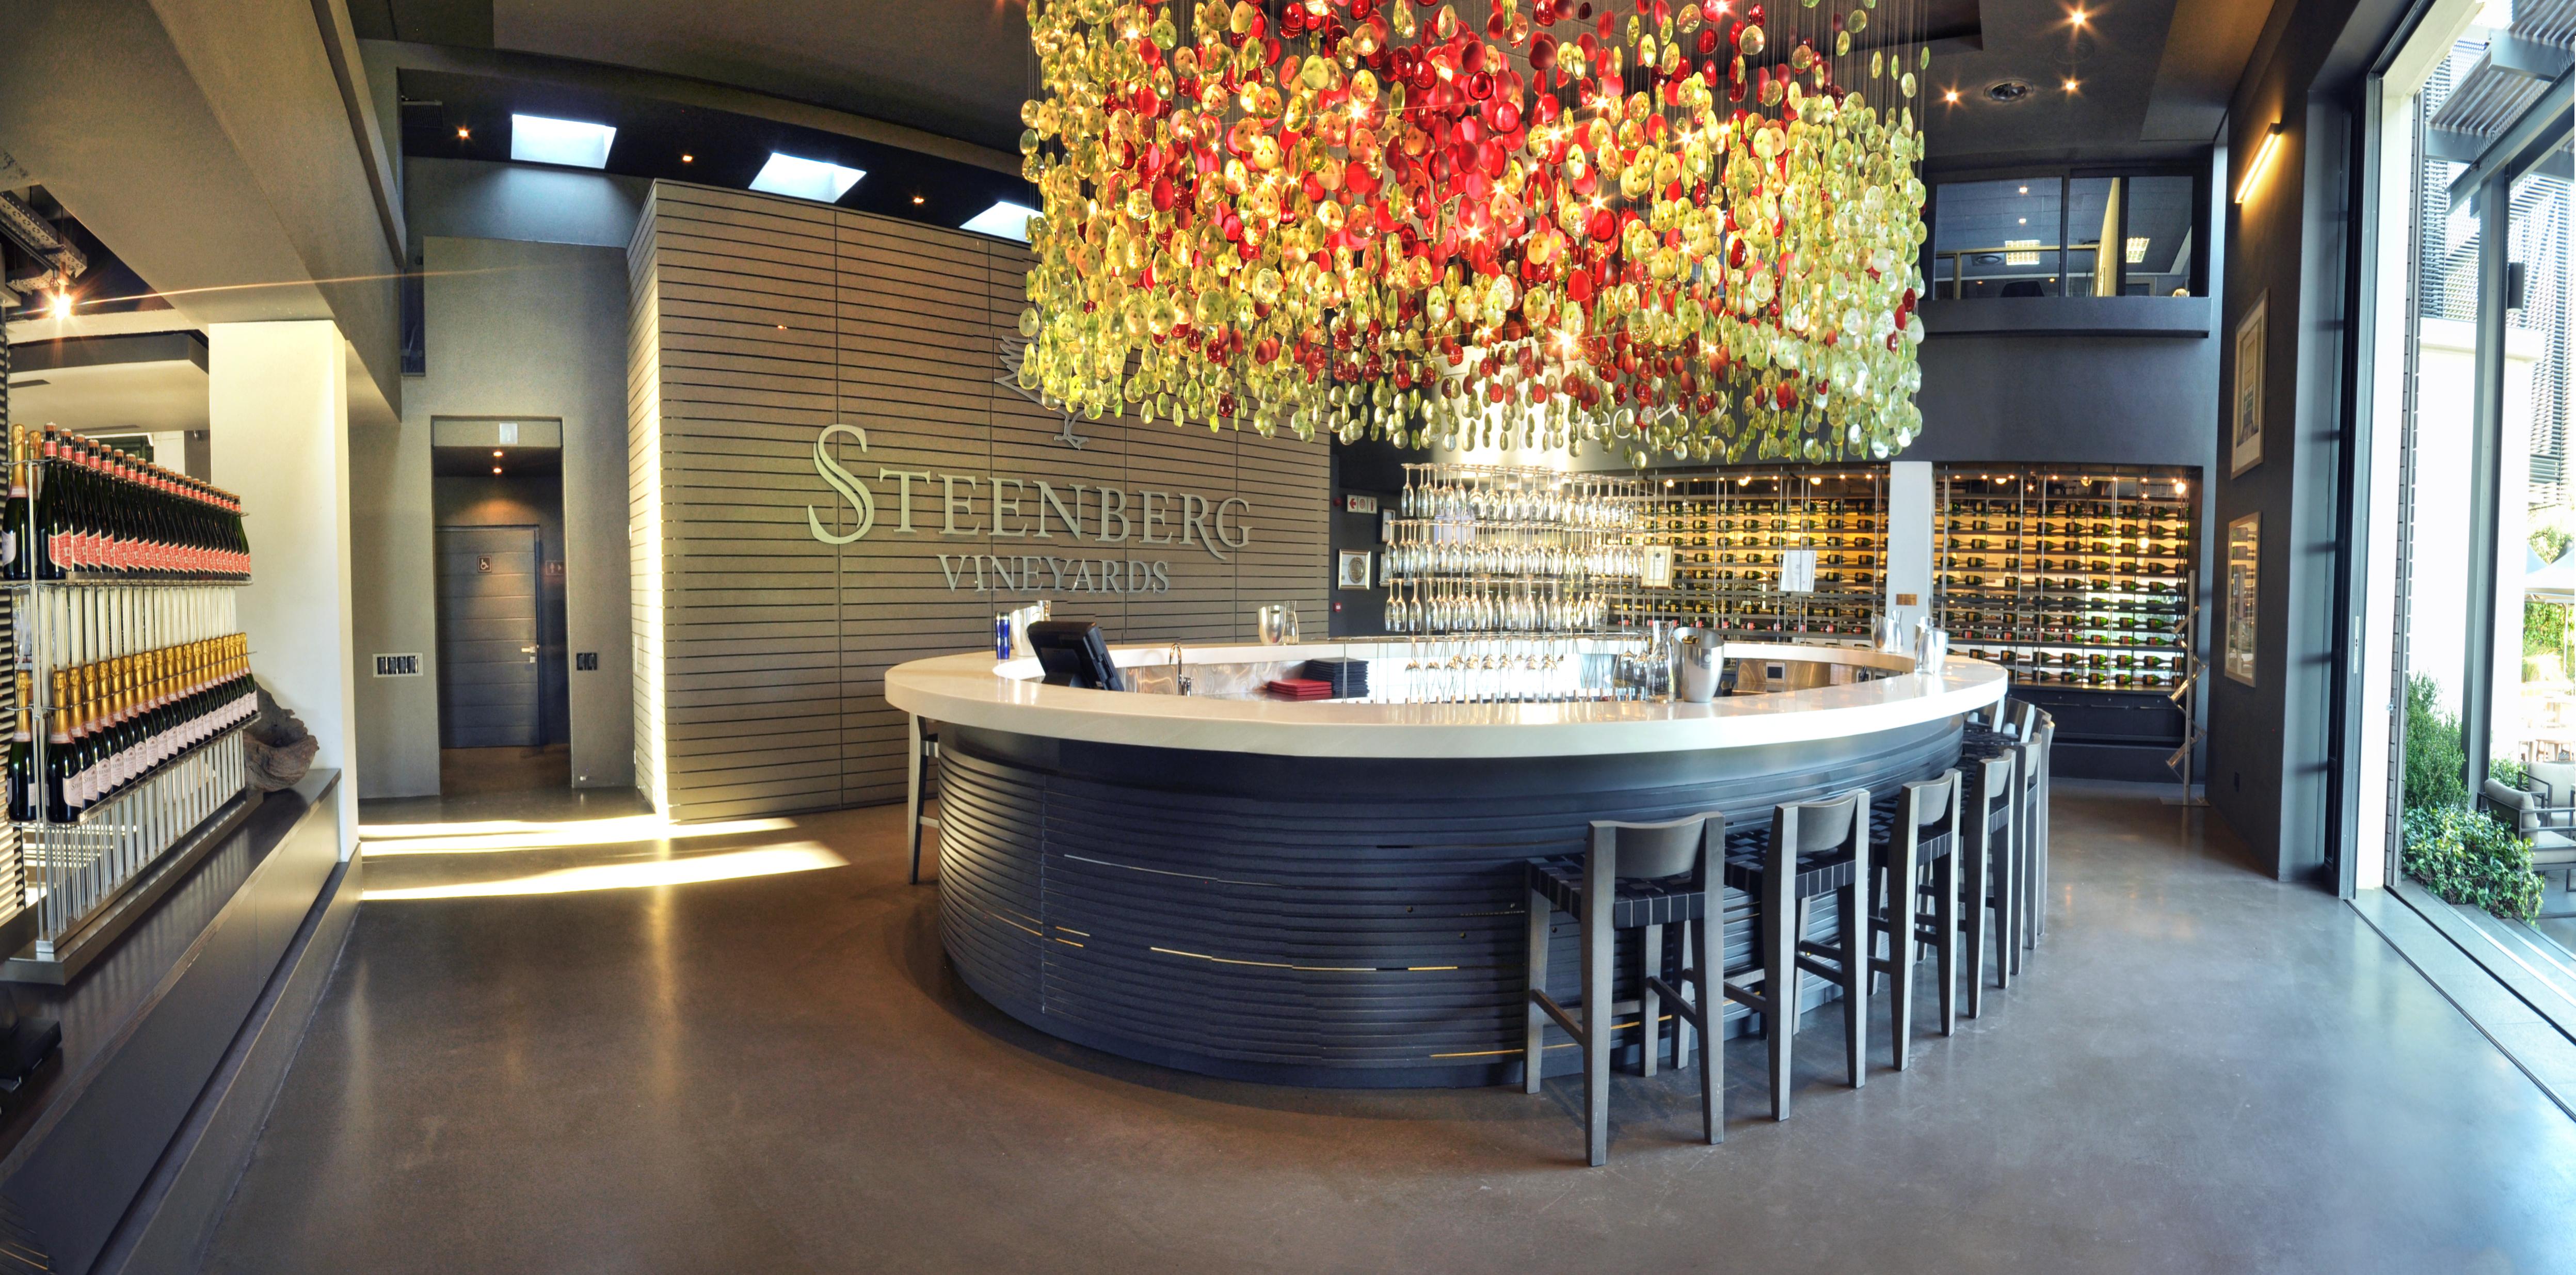 Steenberg image gallery